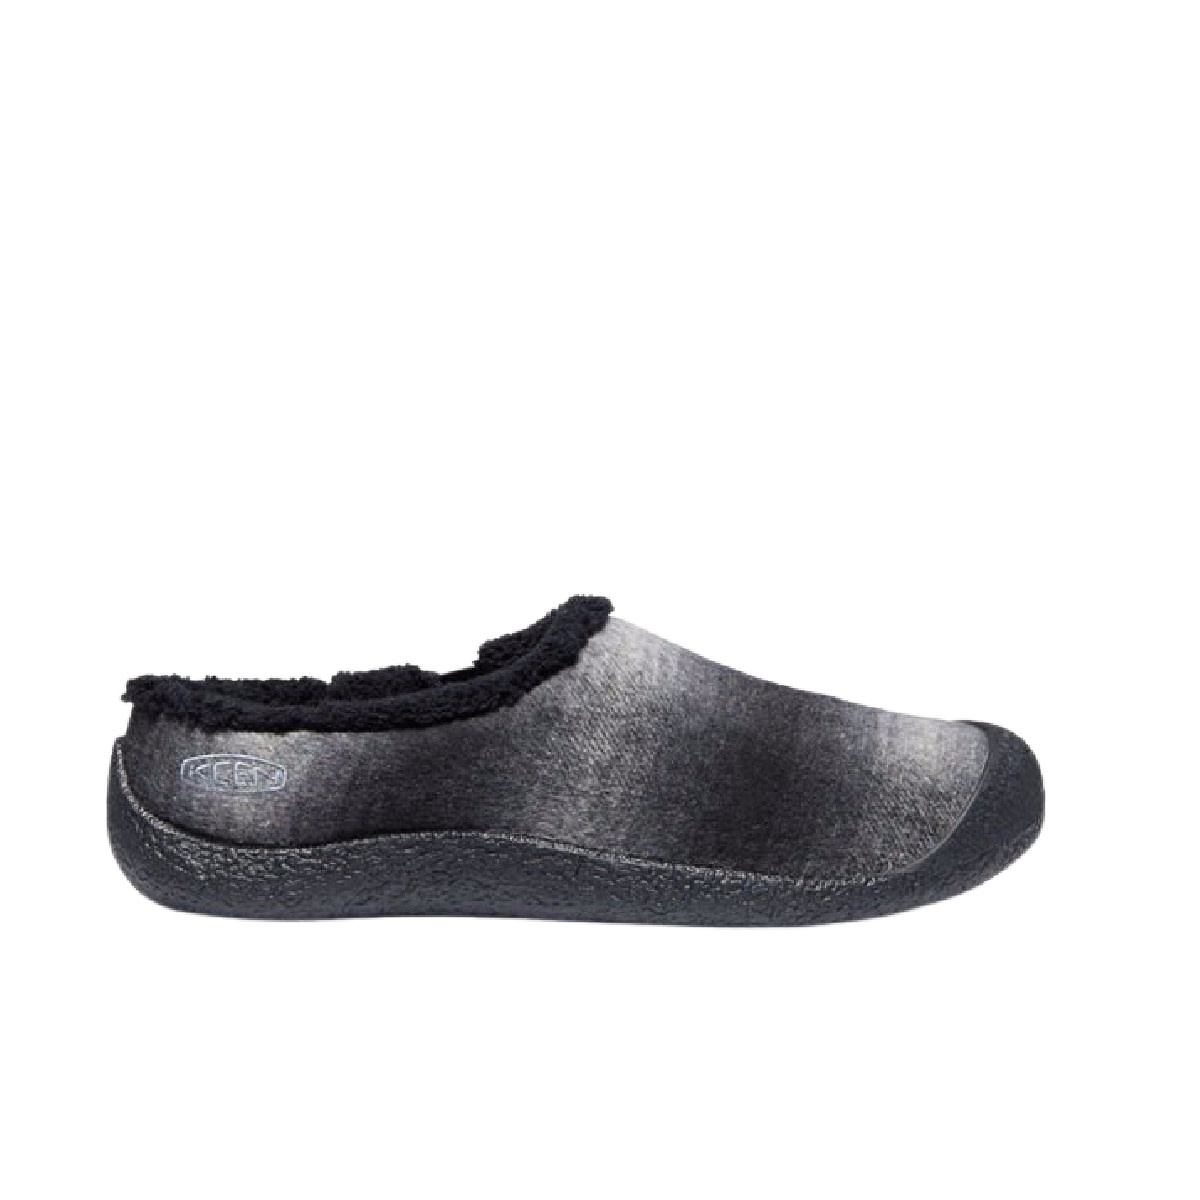 Keen Footwear Keen Howser Slide Black Plaid